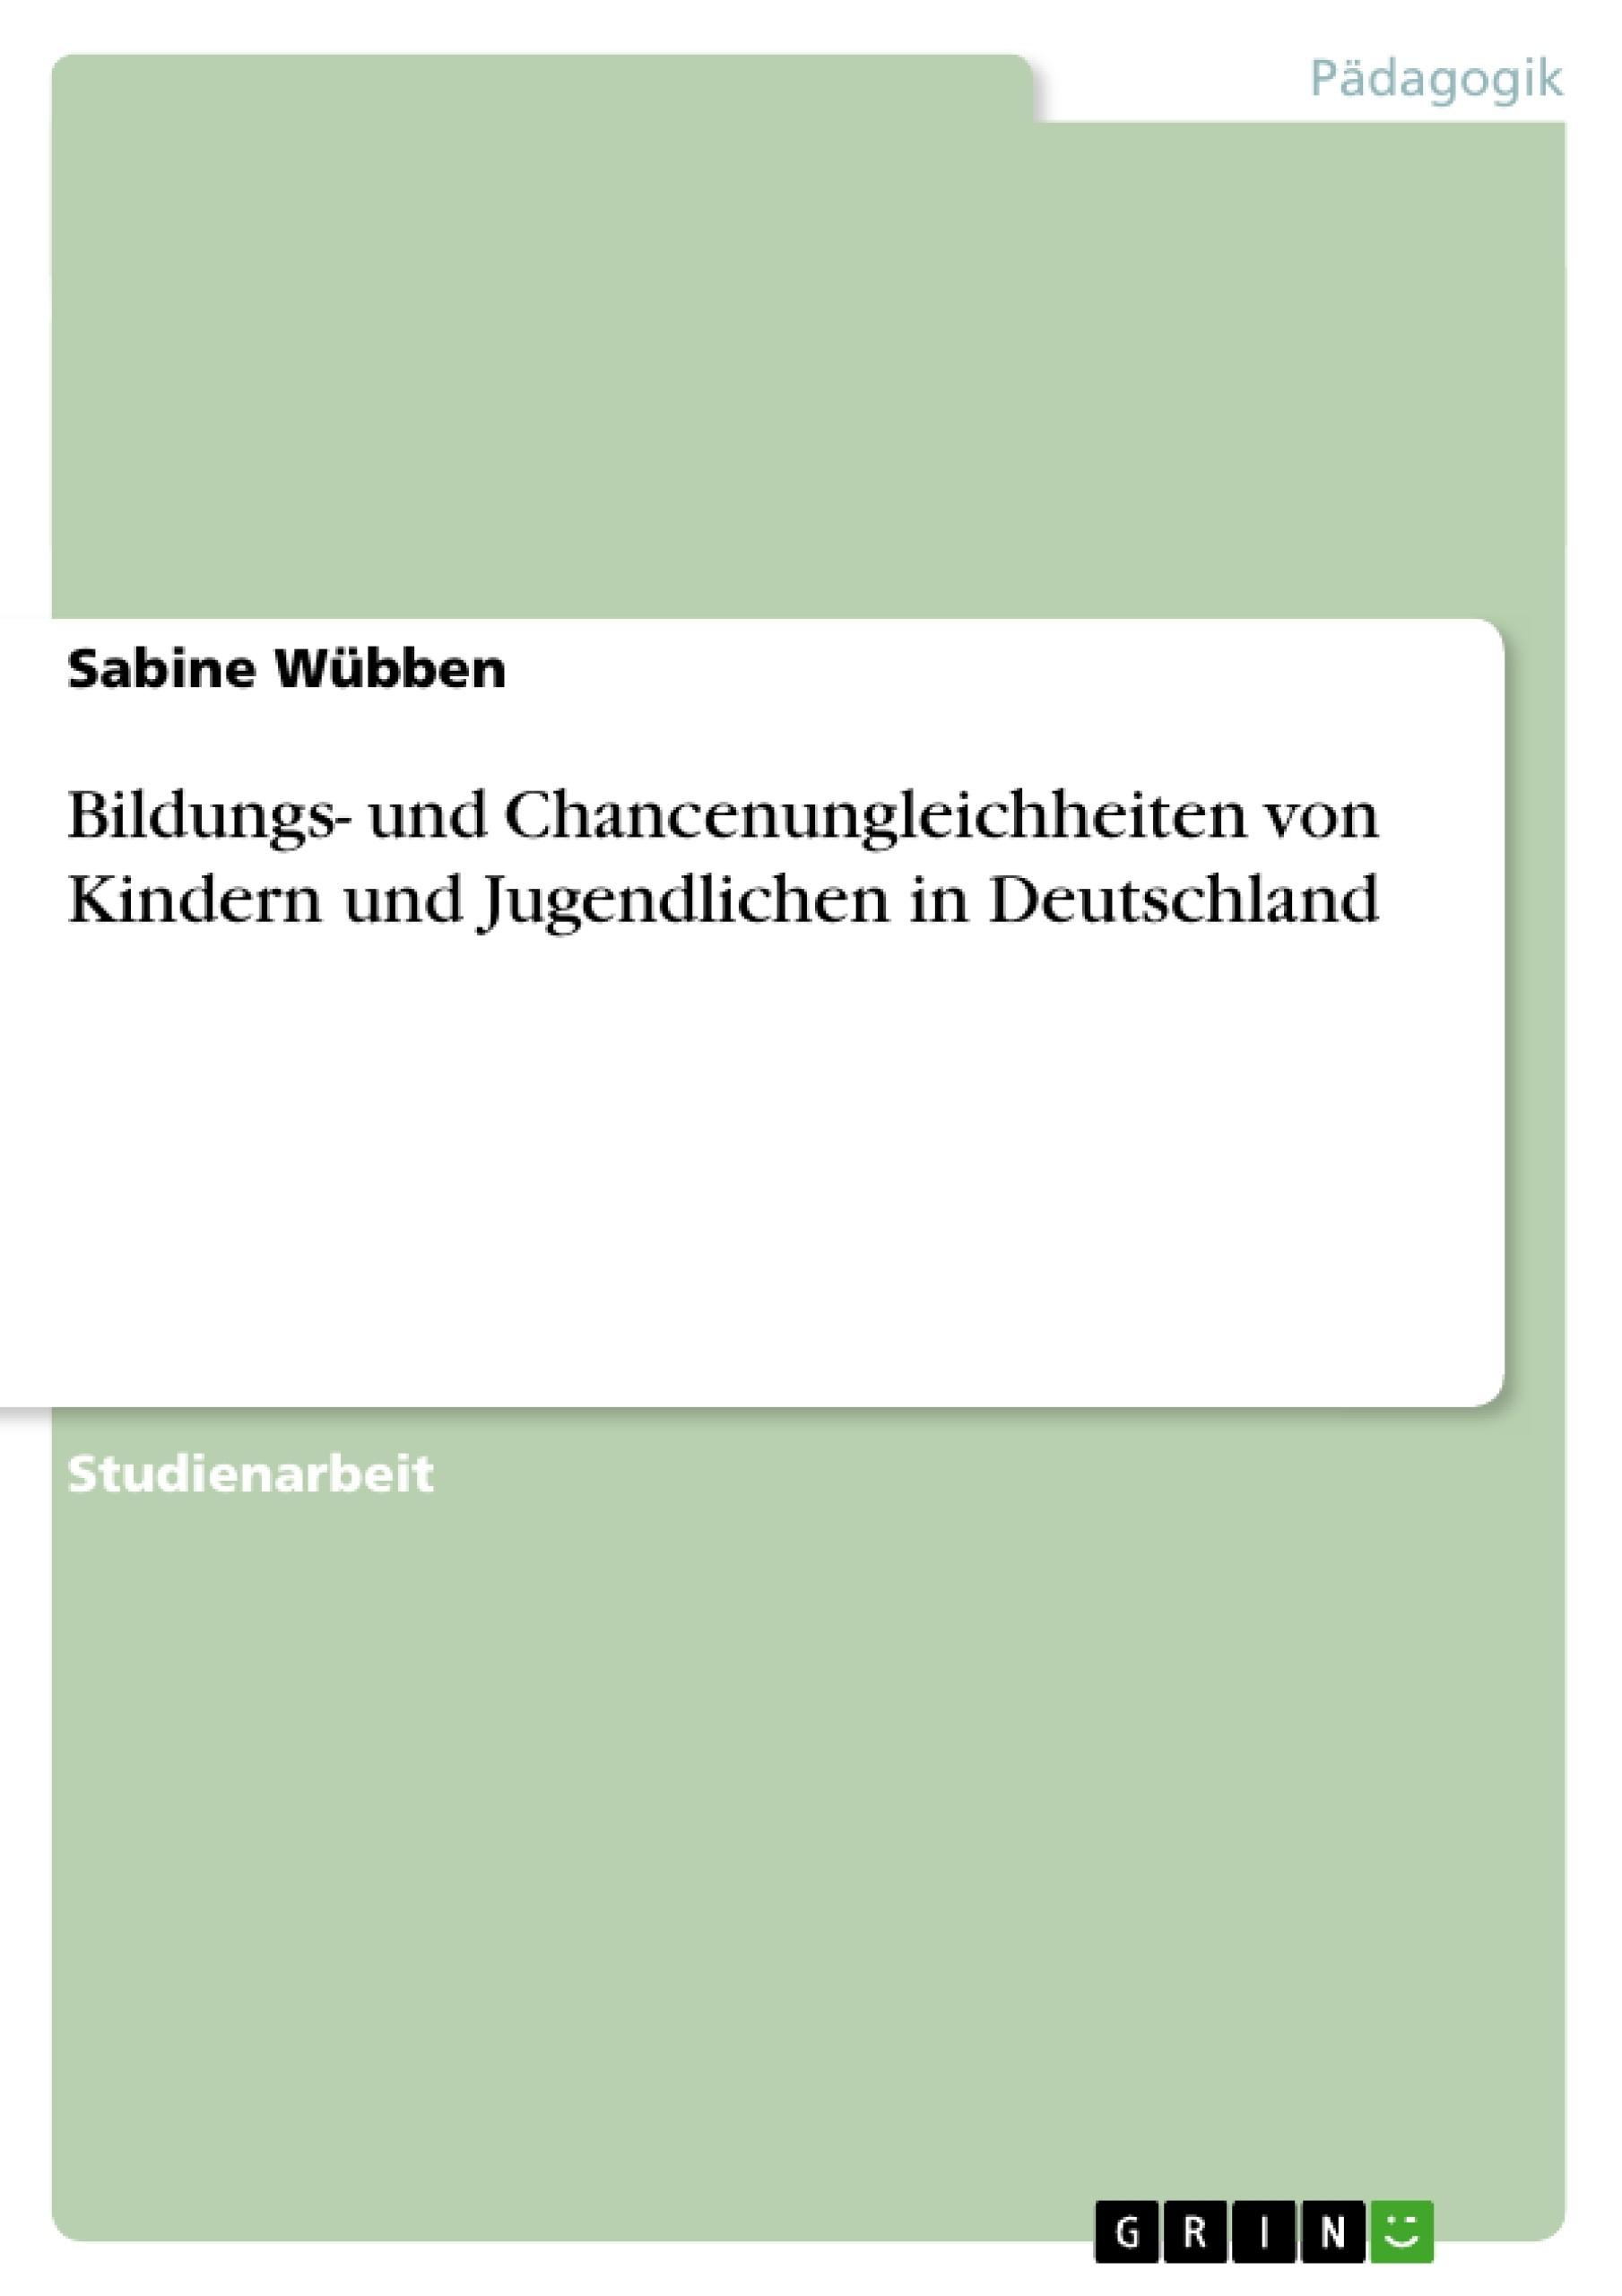 Titel: Bildungs- und Chancenungleichheiten von Kindern und Jugendlichen in Deutschland